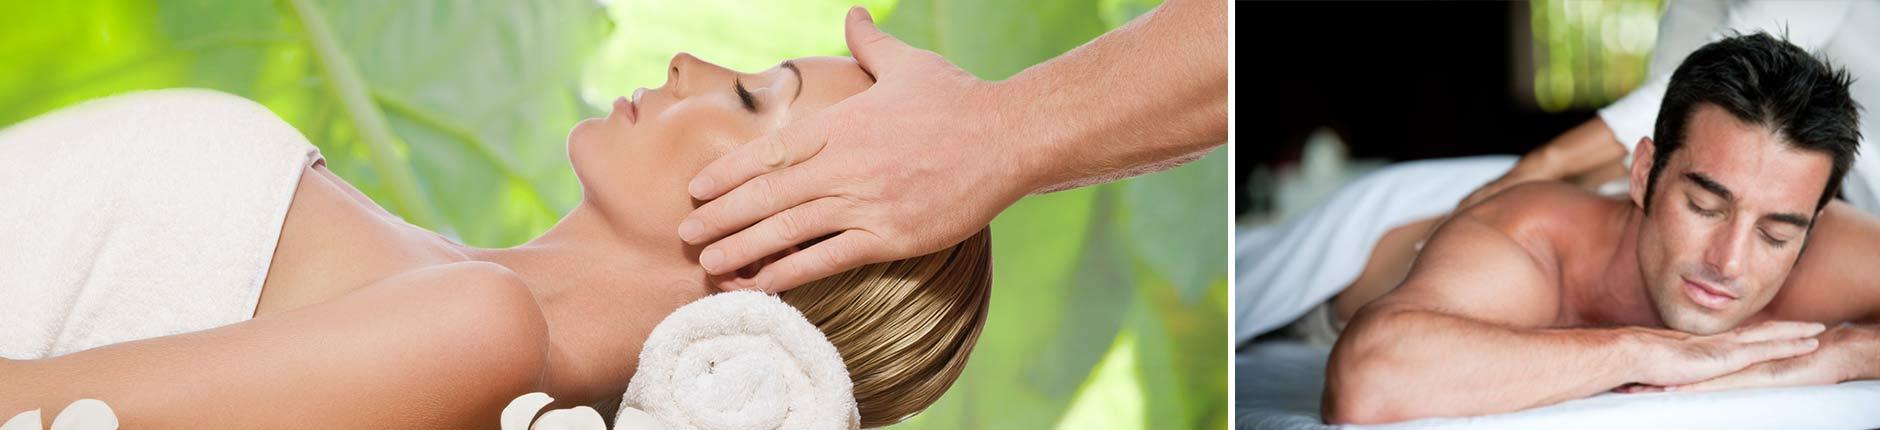 Wellnessmassagen und Körperbehandlungen